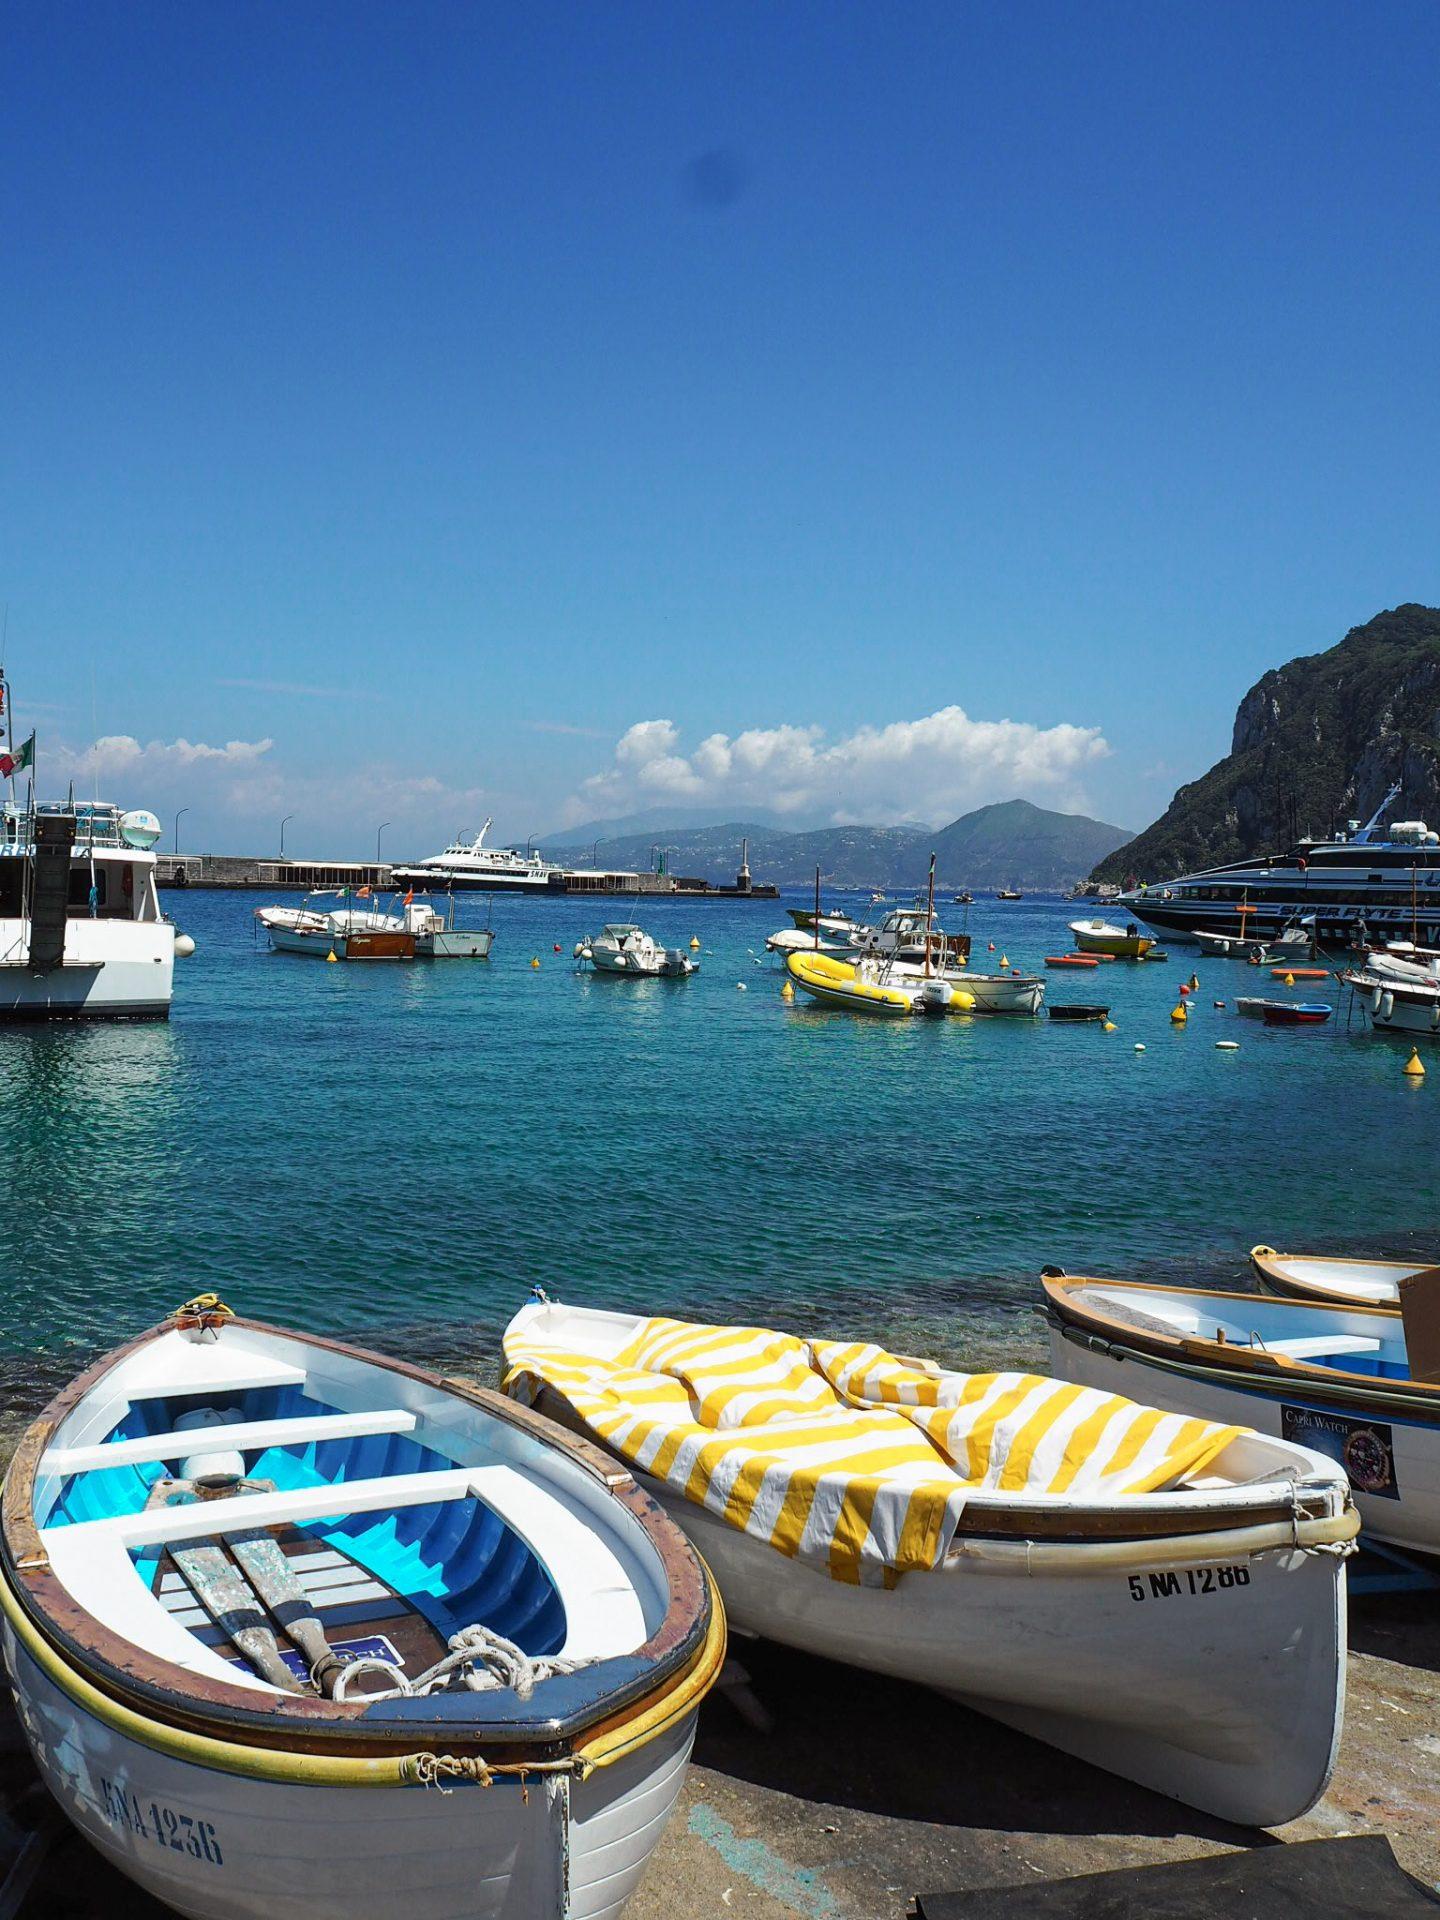 Sorrento travel: Capri with boats